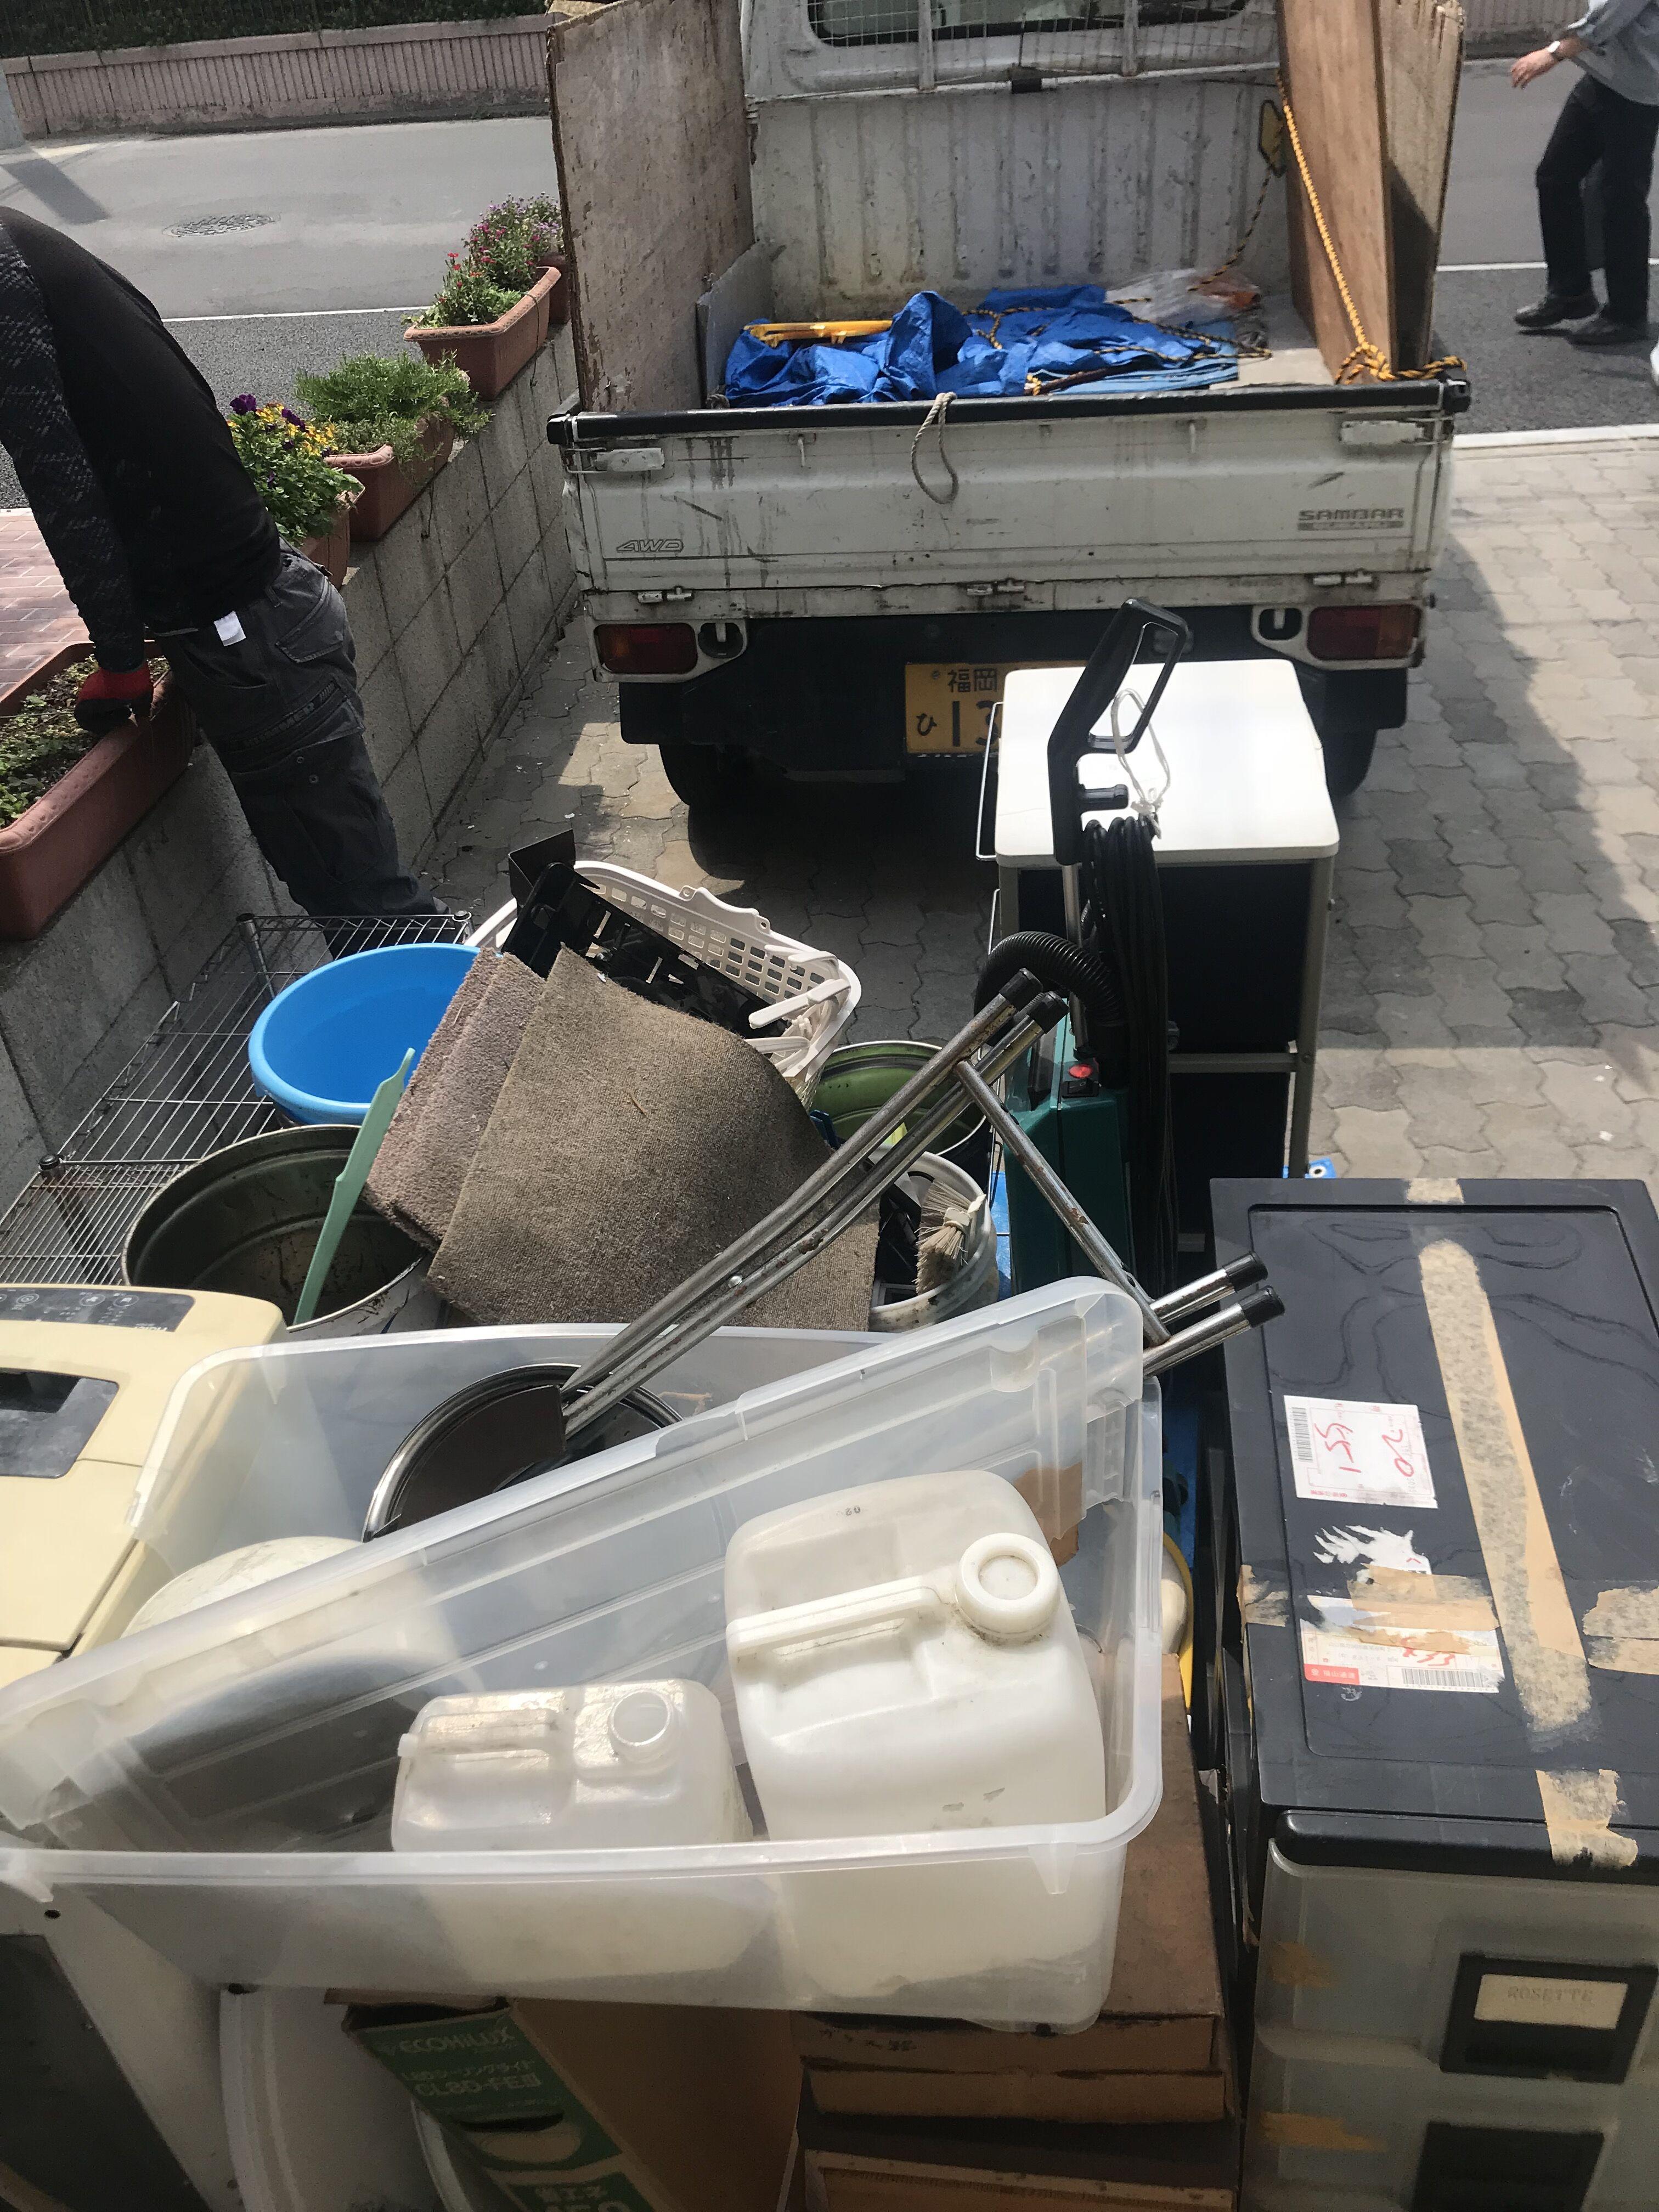 清掃会社掃除用具回収前写真